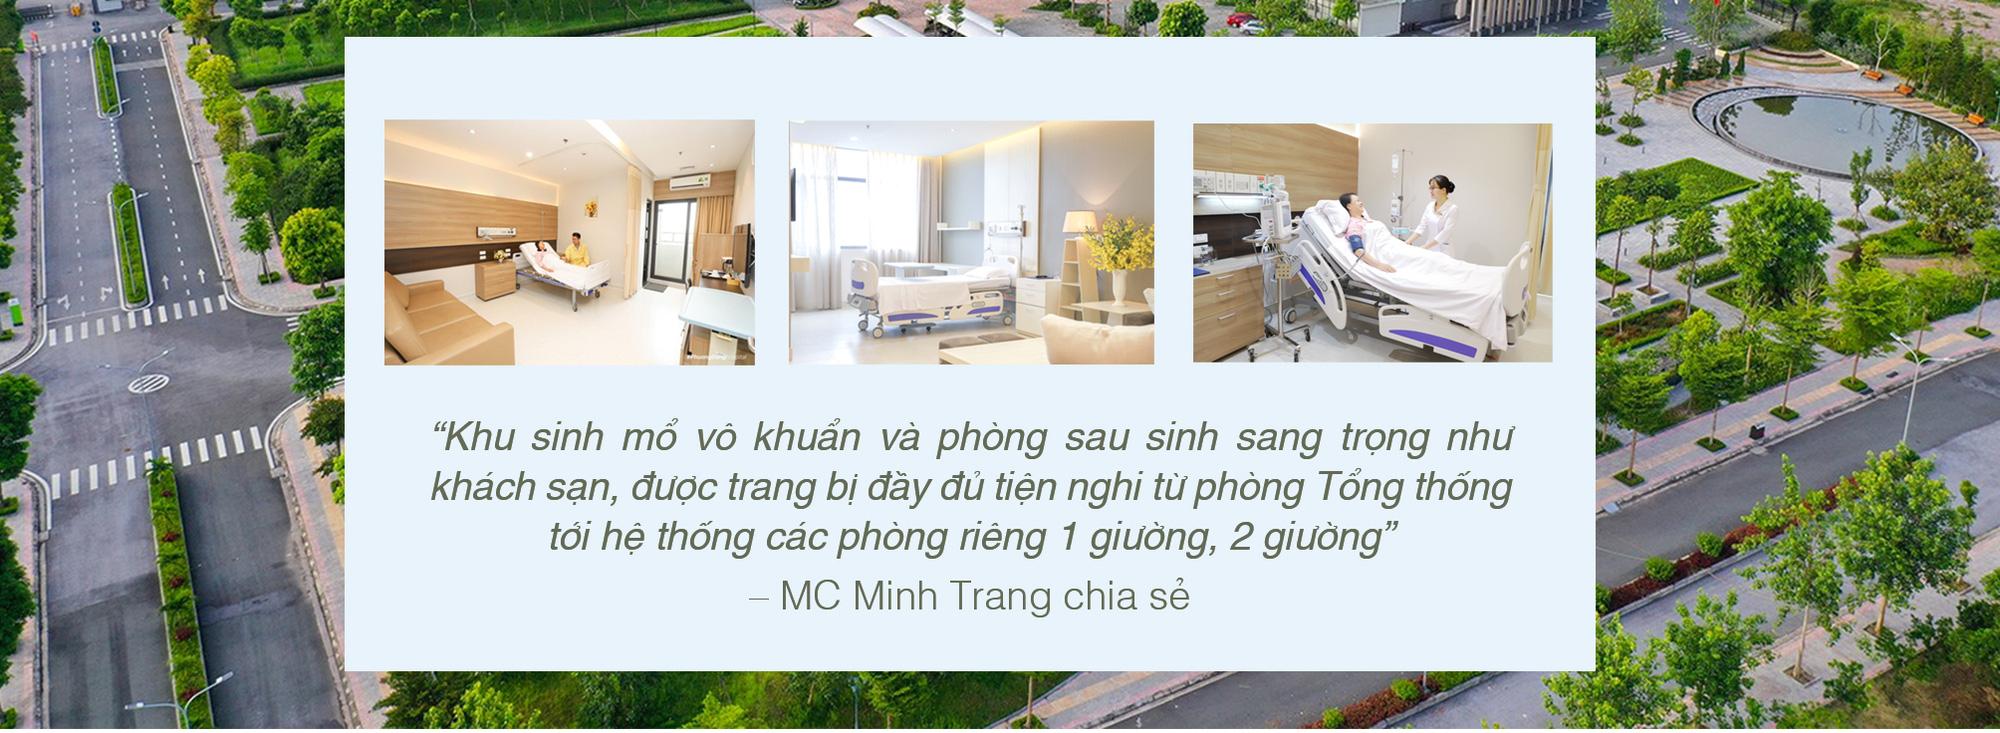 """Cuộc đầu tư mạo hiểm nhất của Shark Việt: Bệnh viện Khách sạn hàng ngàn cây xanh – nơi """"dưỡng thân tâm"""" của người dân Thủ đô - Ảnh 6."""